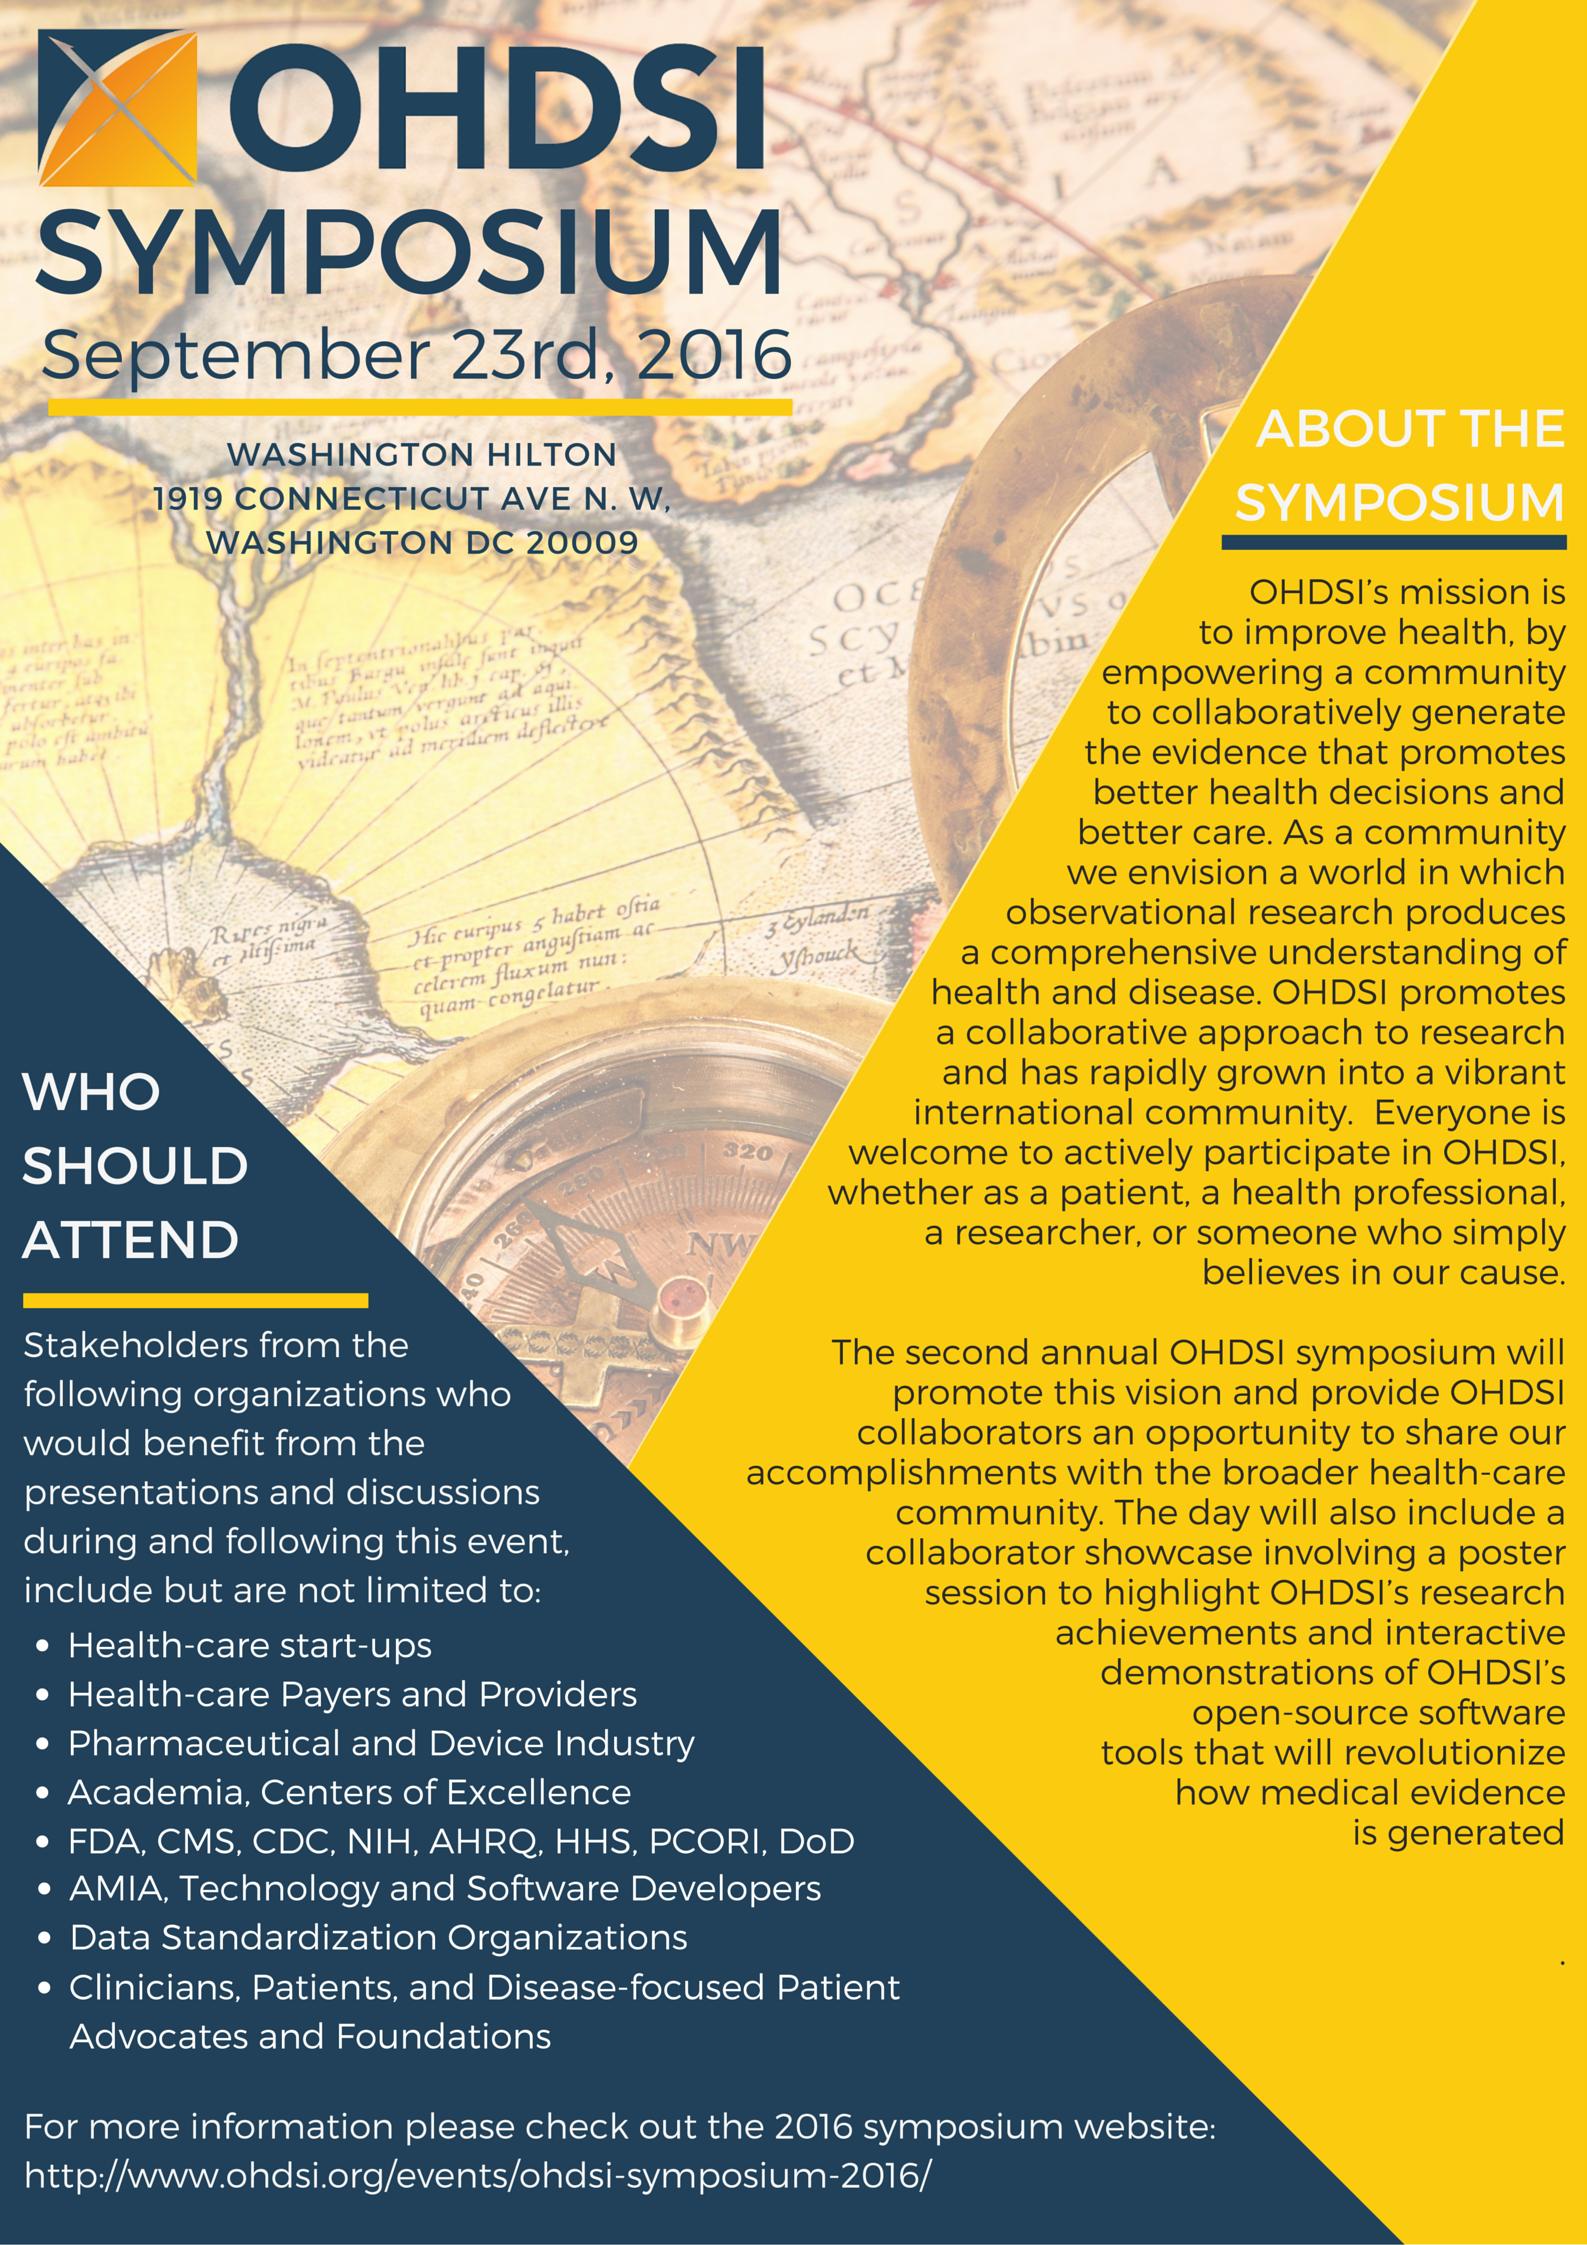 OHDSI Symposium 2016 - Poster 05272016